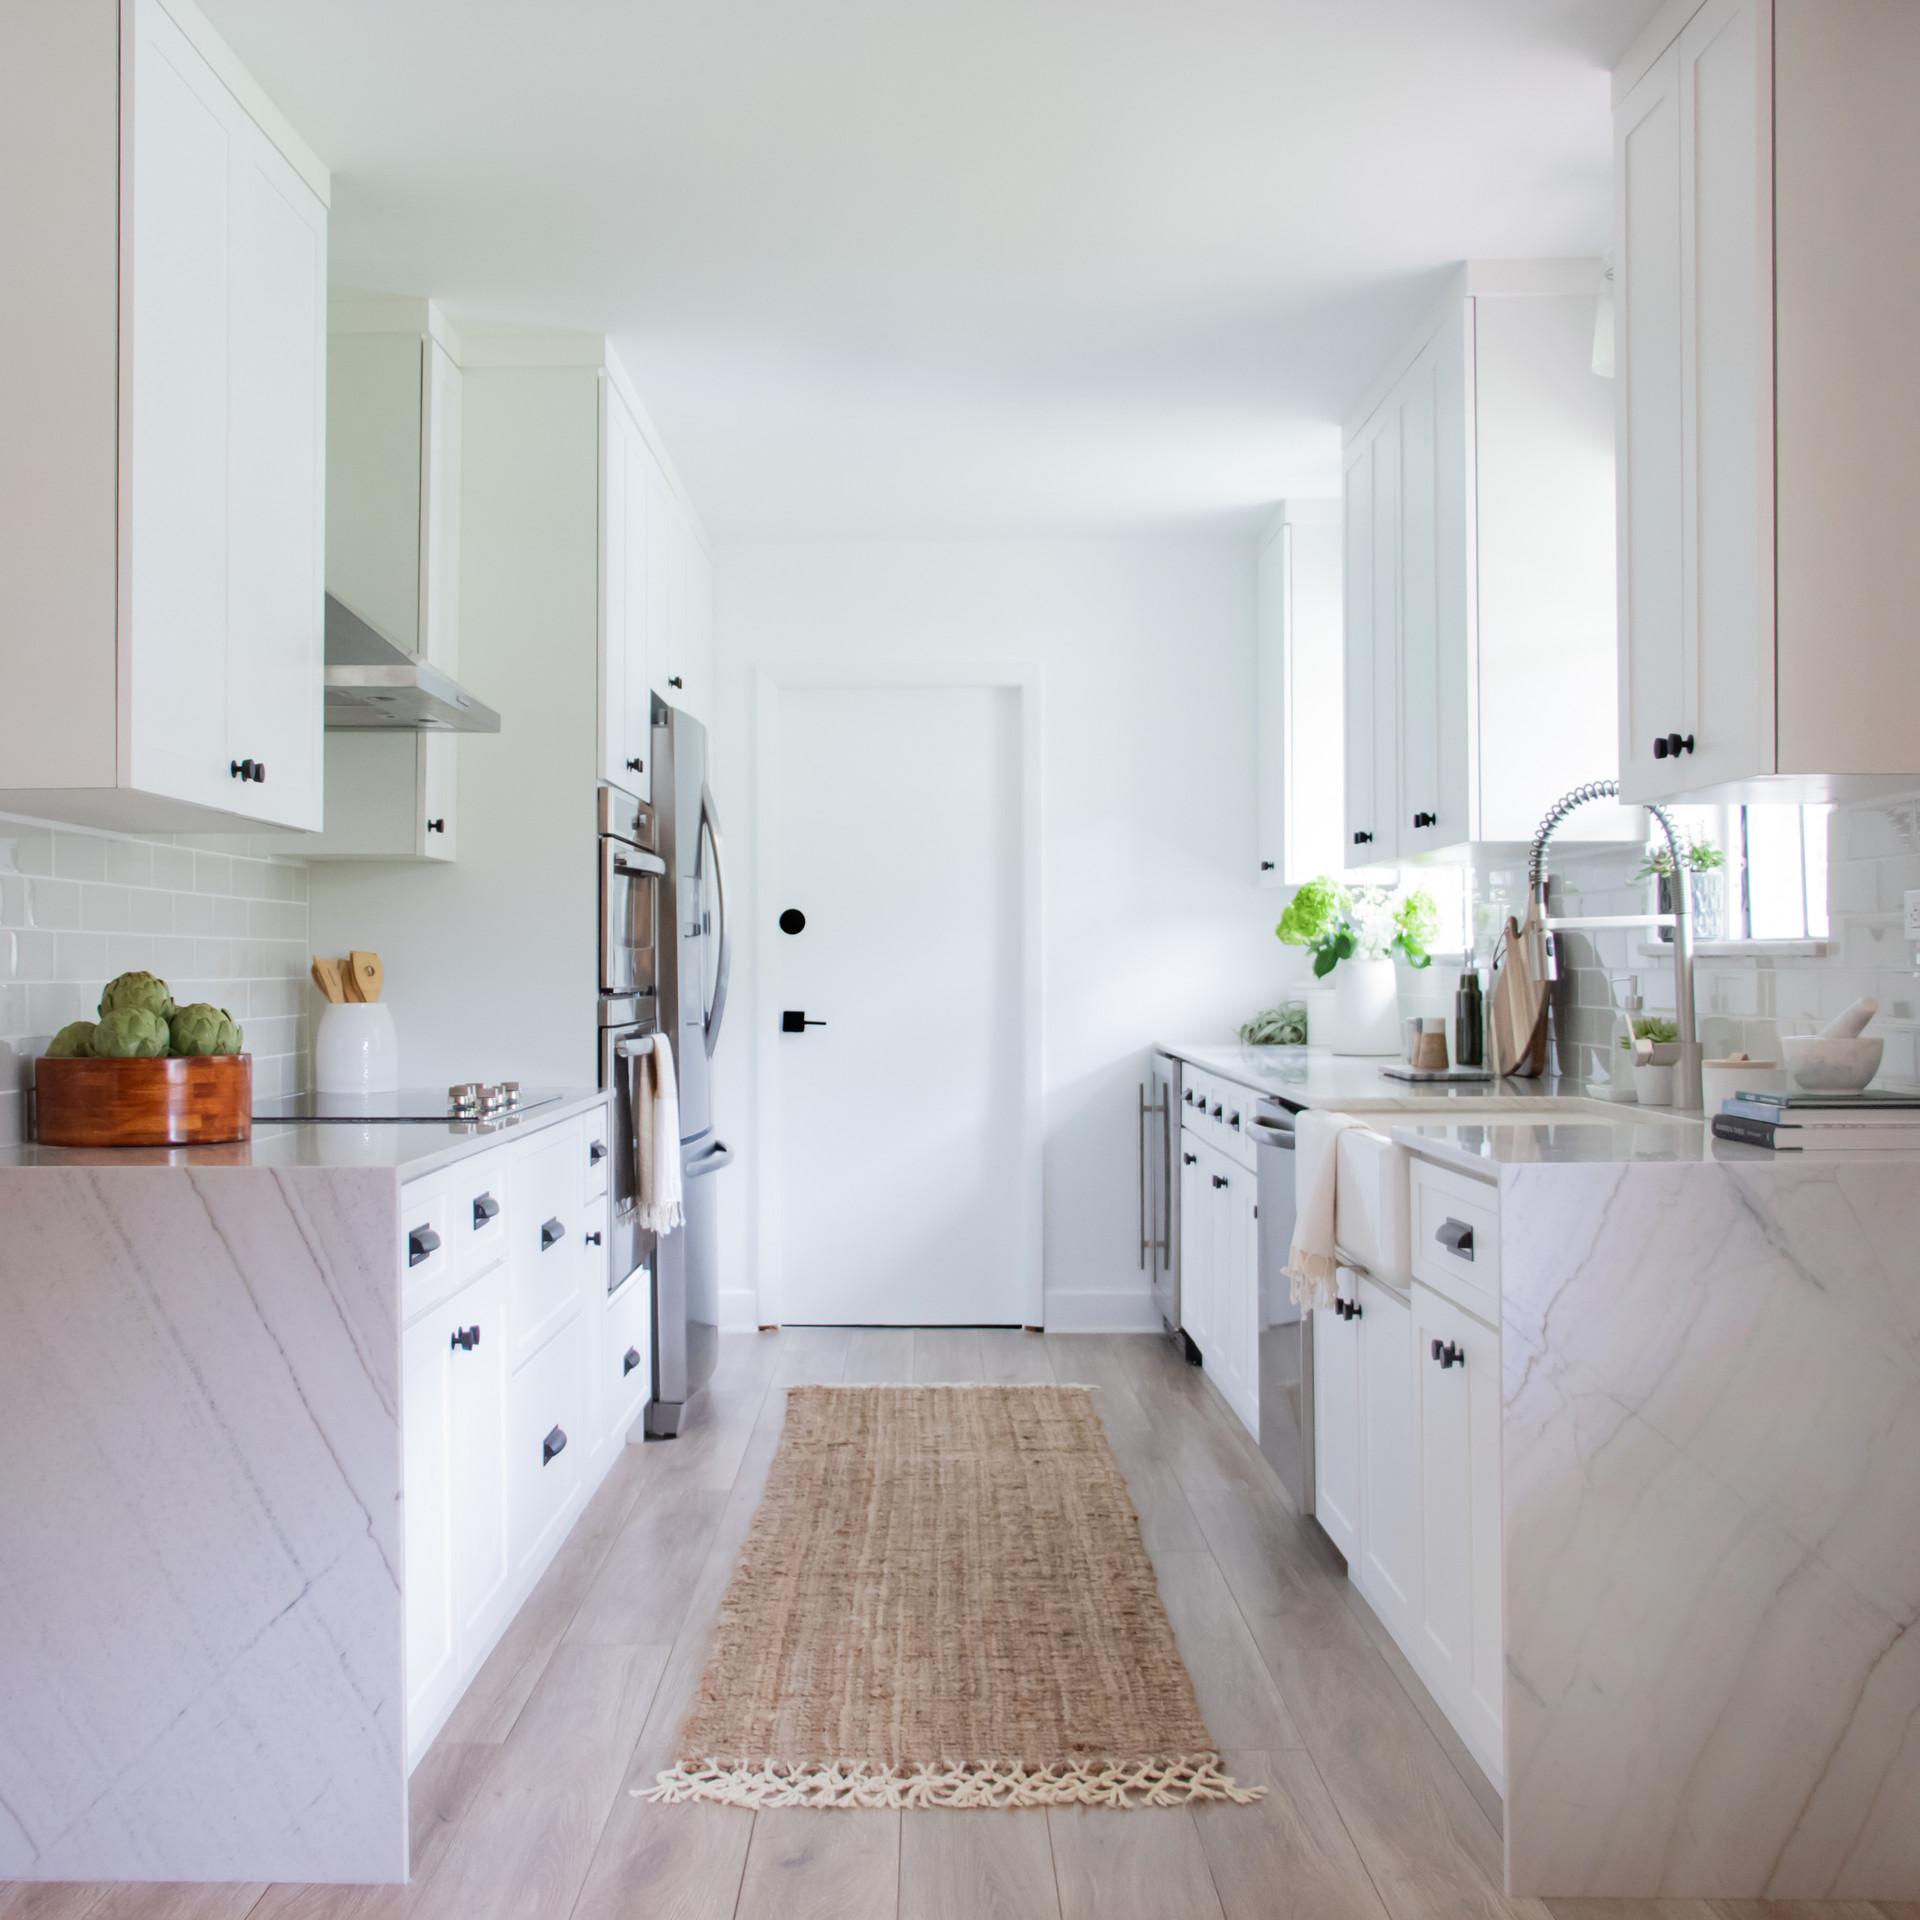 Modern bright white galley style kitchen